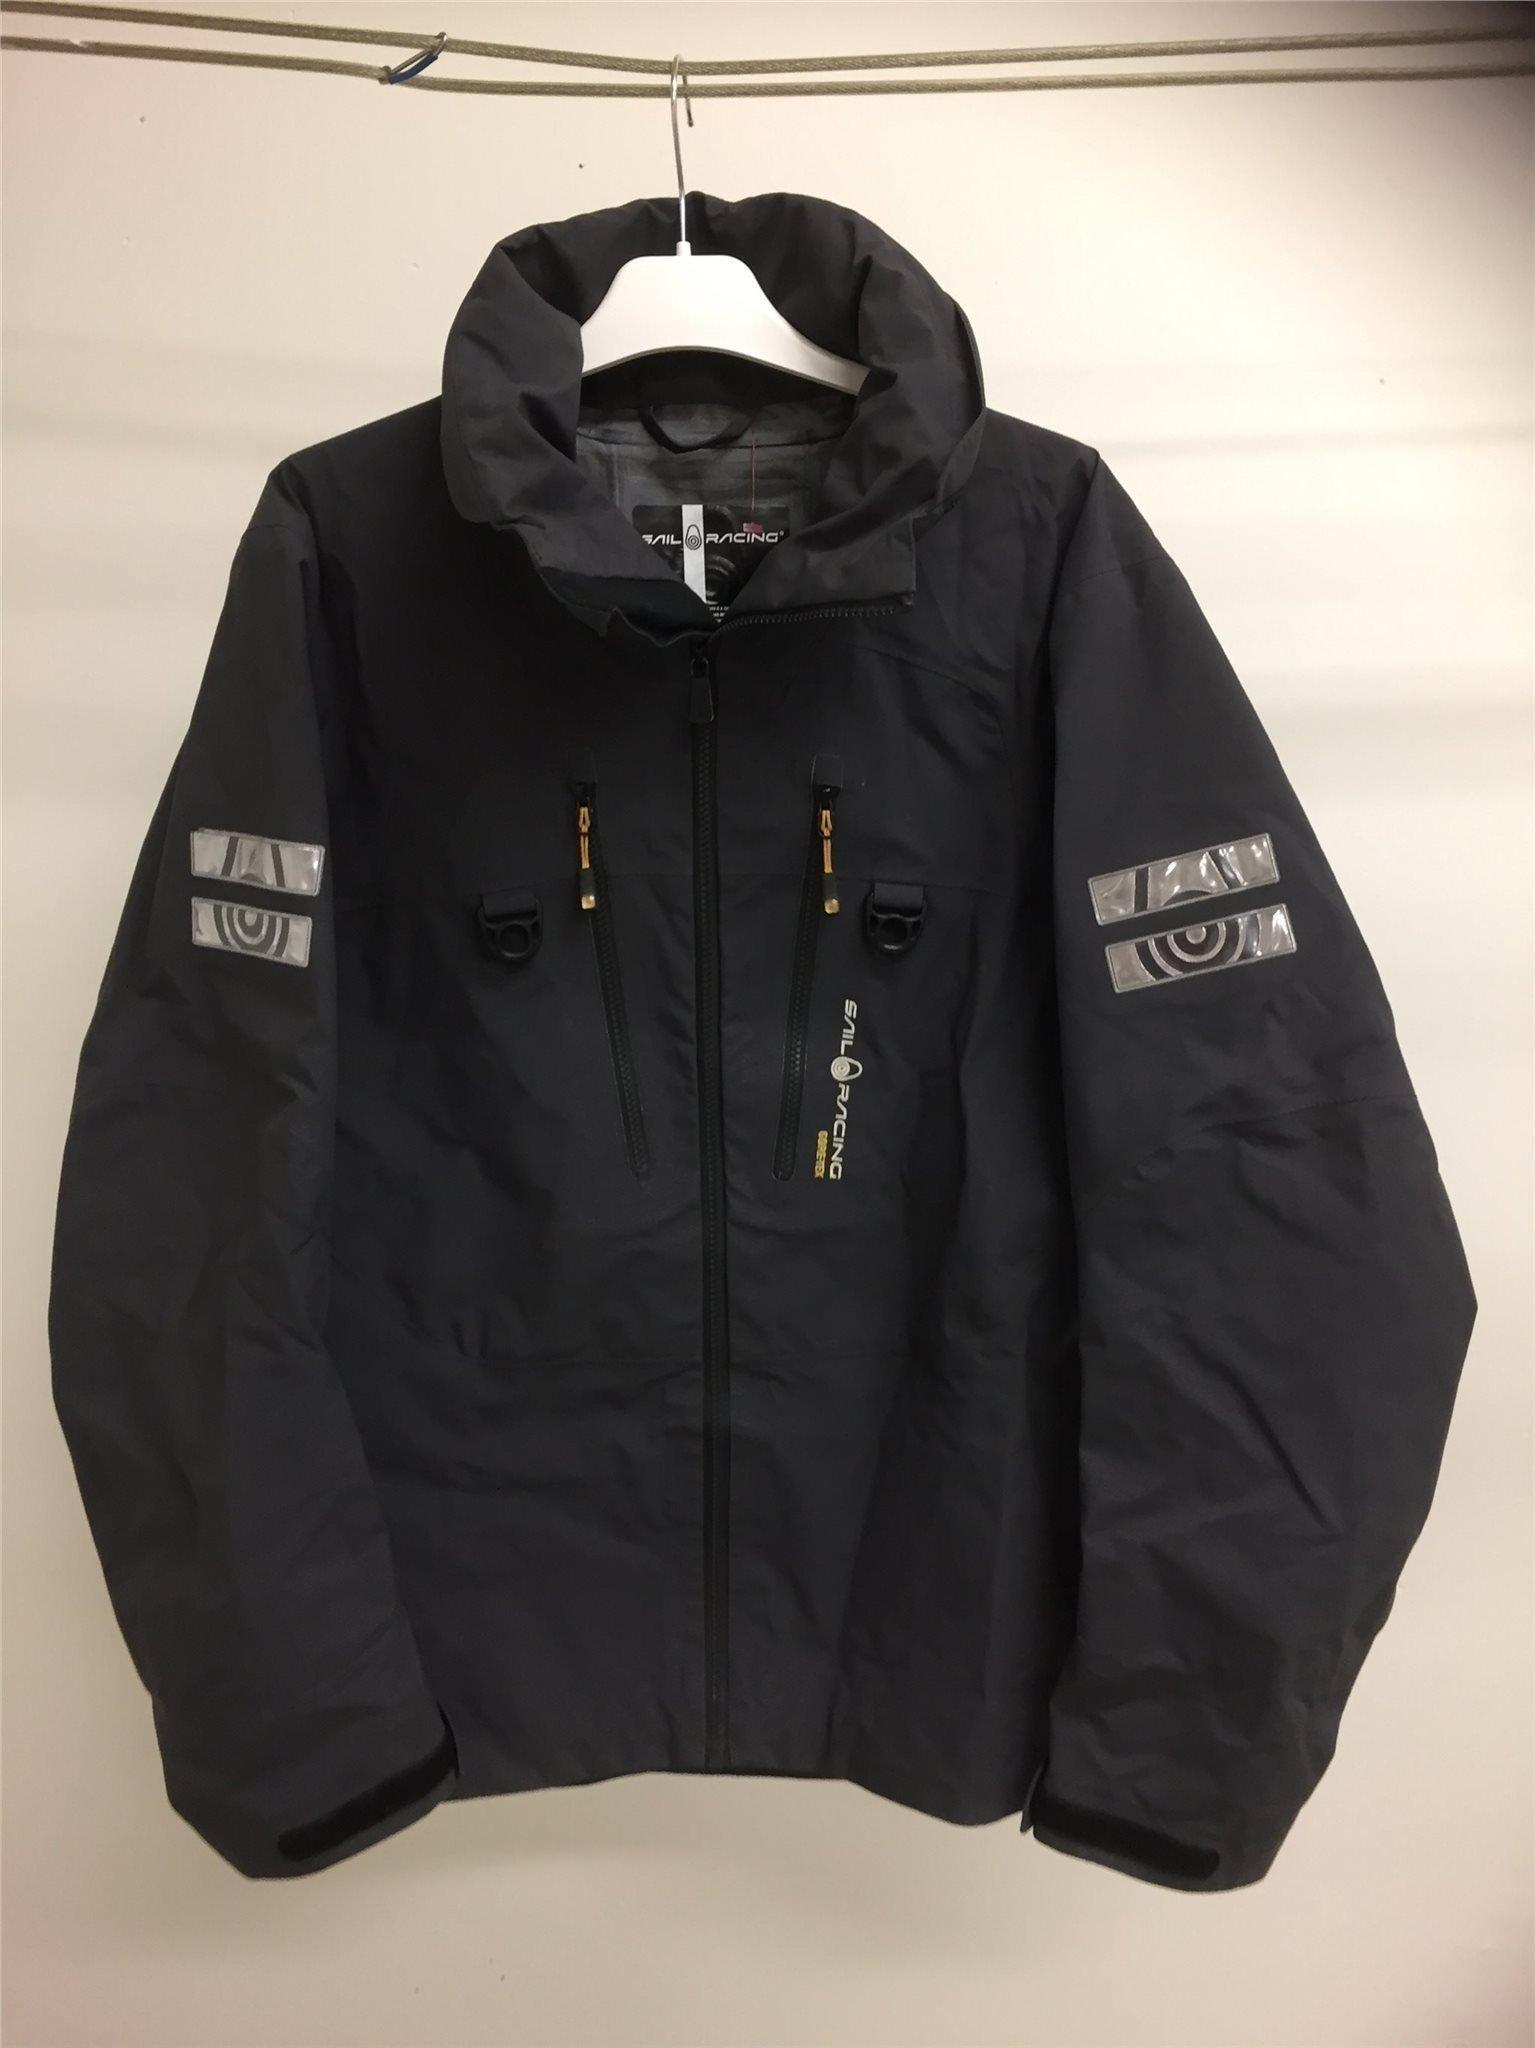 501b8f24f75f Sail Racing, Tuwok jacket, grå seglarjacka i Go.. (353409242) ᐈ Köp ...